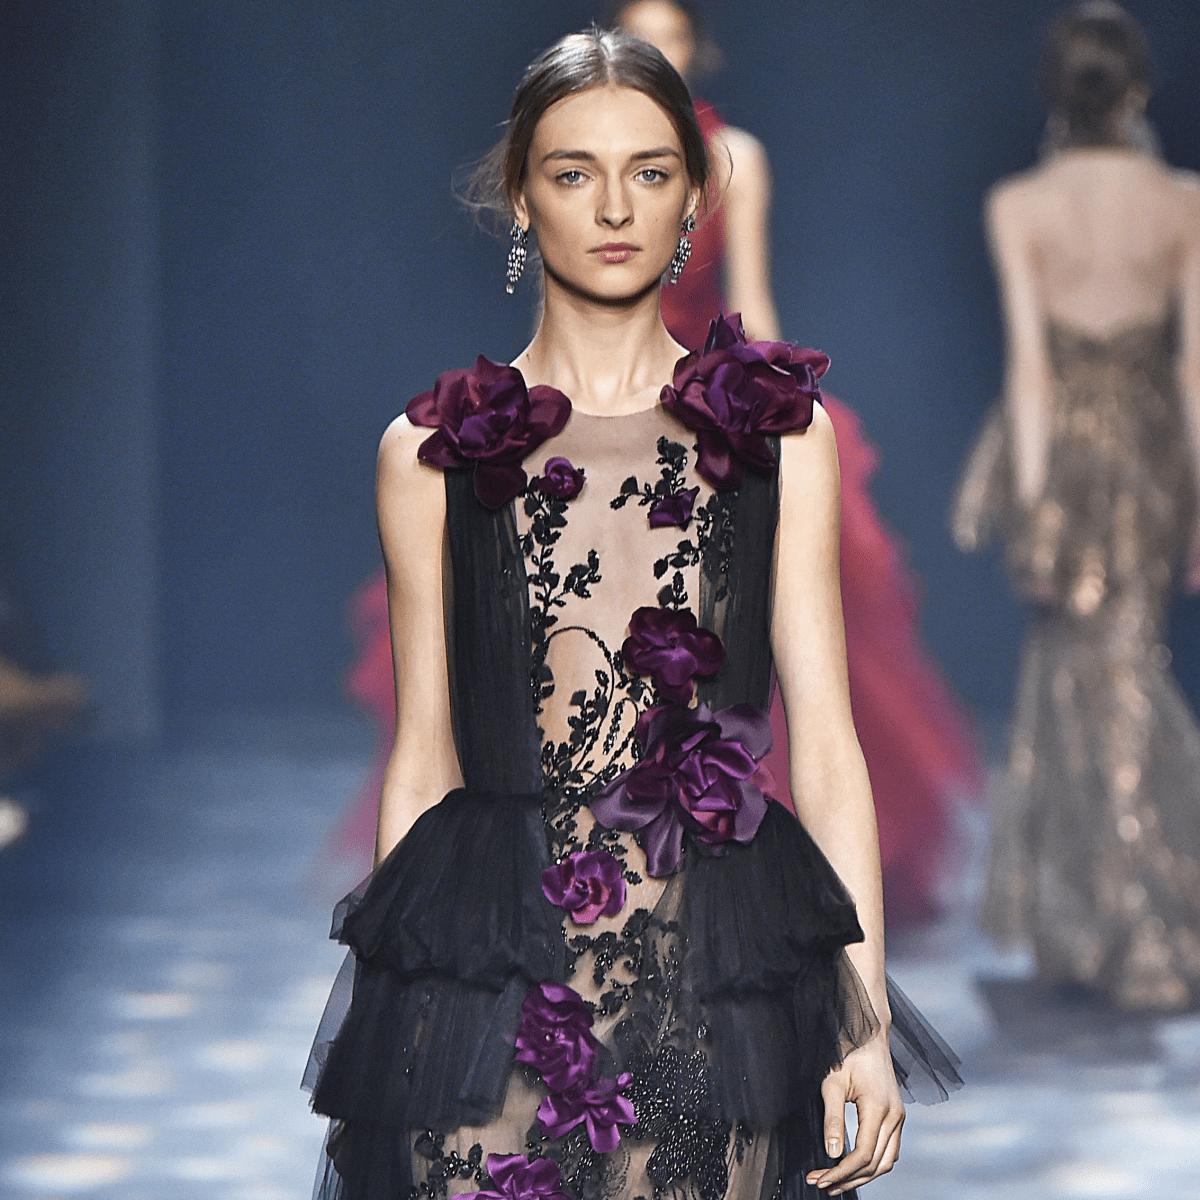 Marchesa fall 2016 runway show look 5